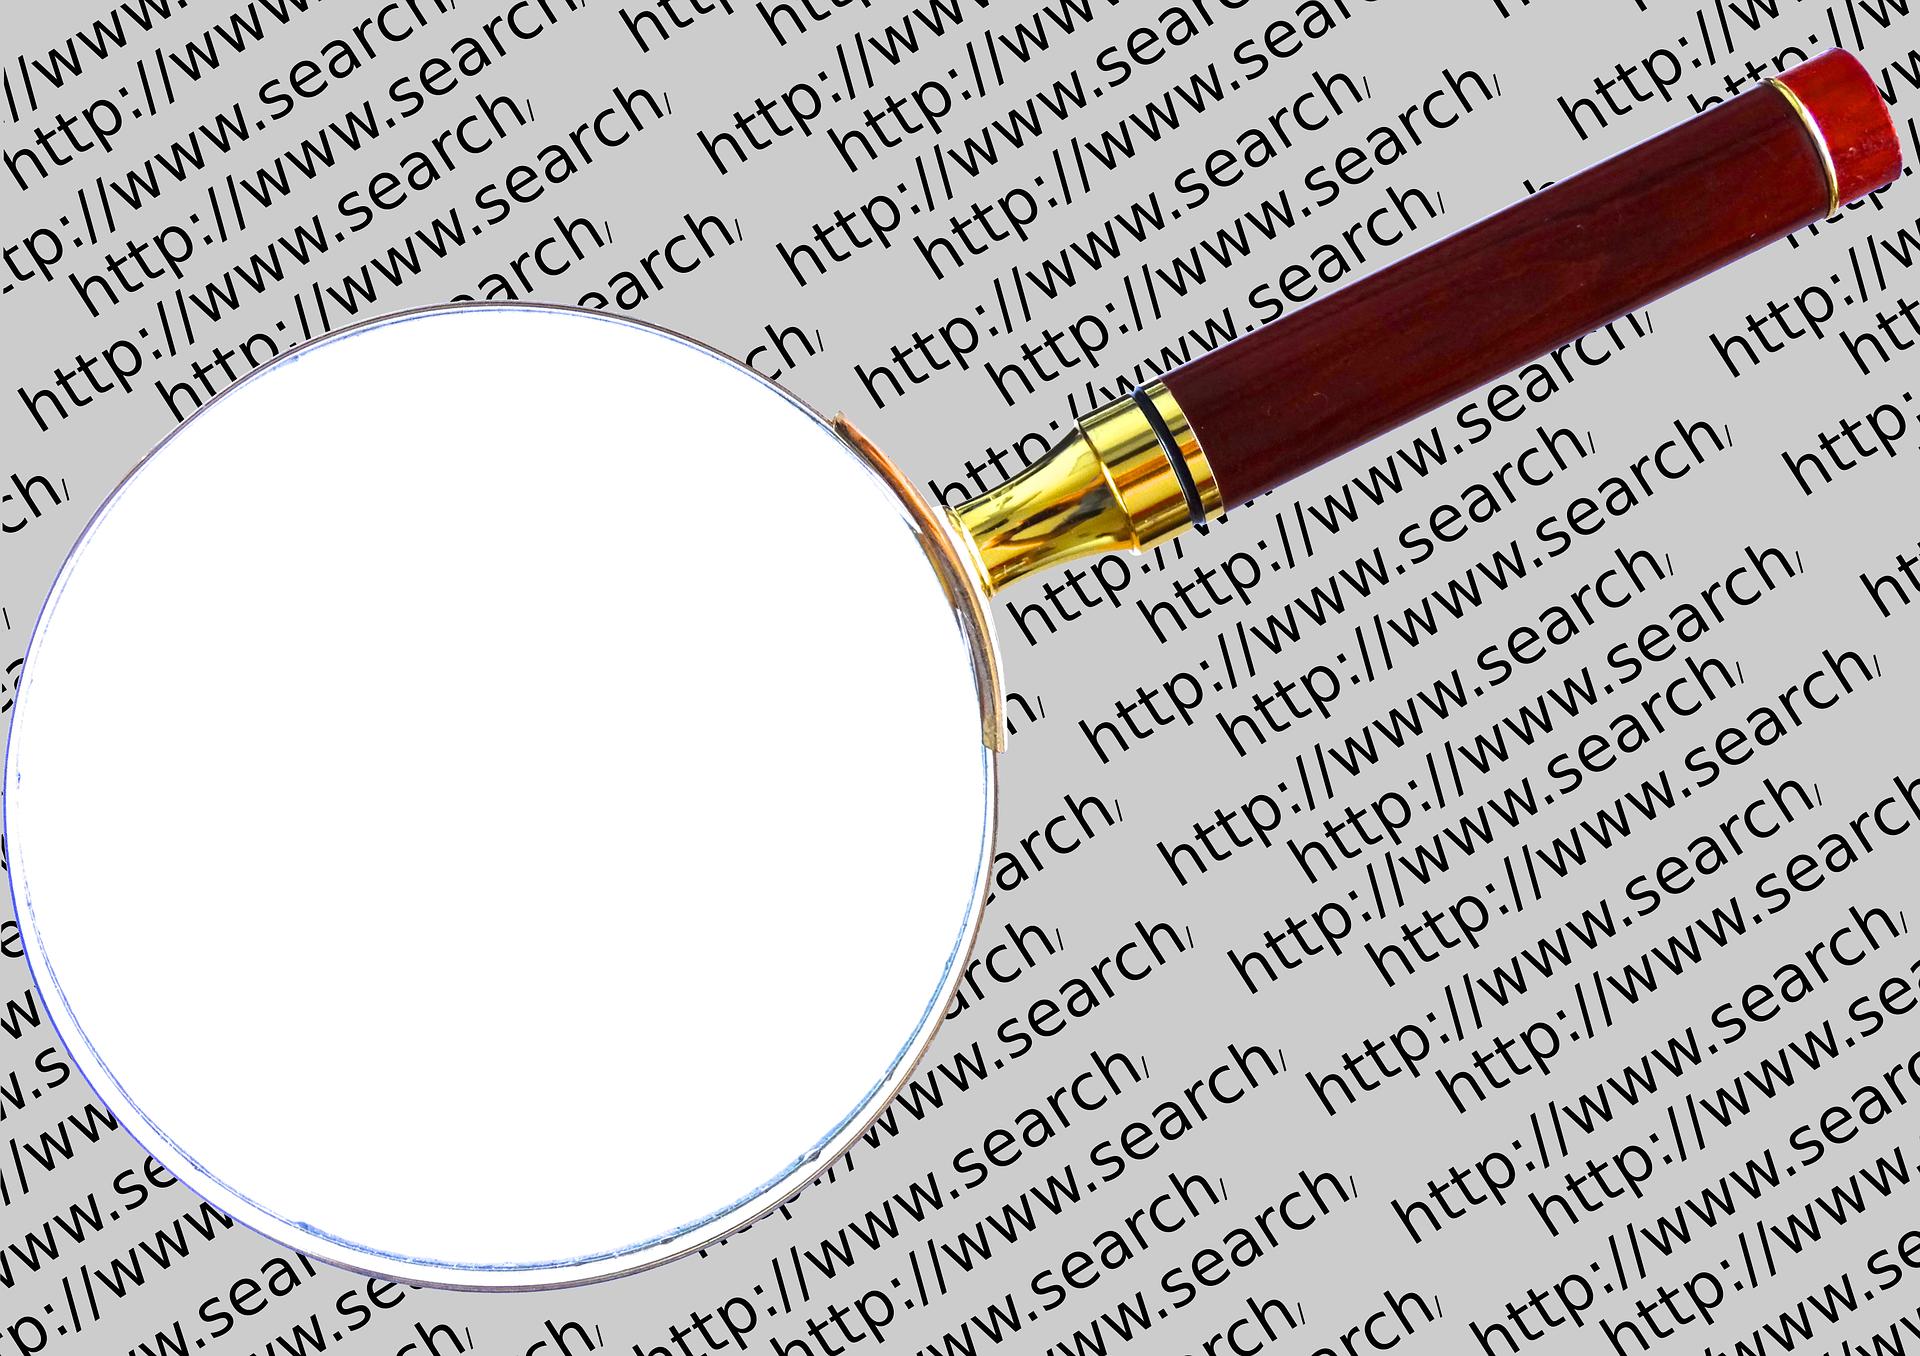 13 reglas de oro para escribir titulares de artículos inteligentes y atractivos